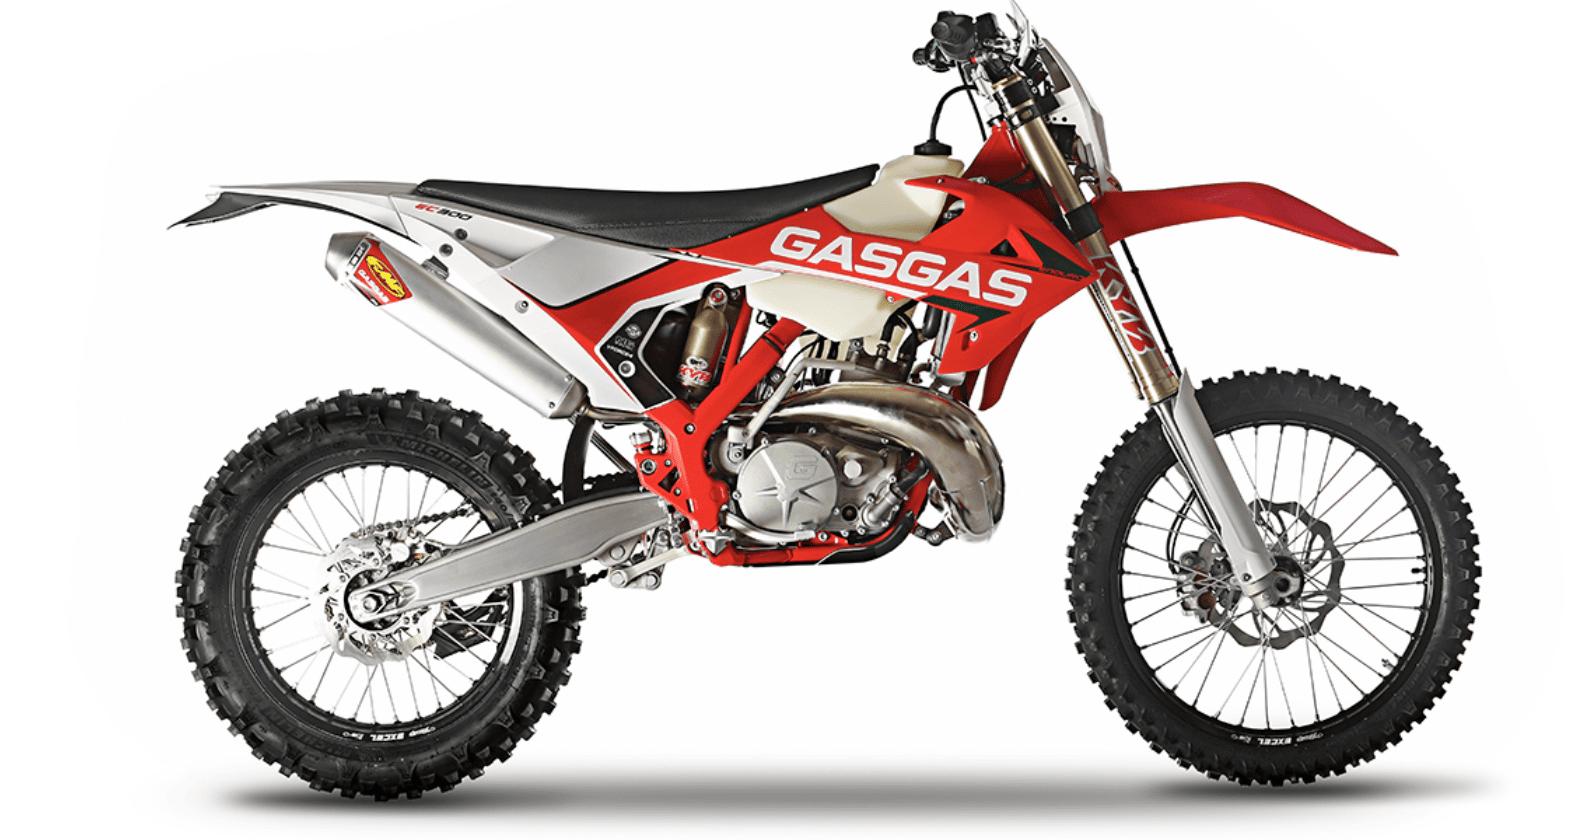 GasGas dirt bike